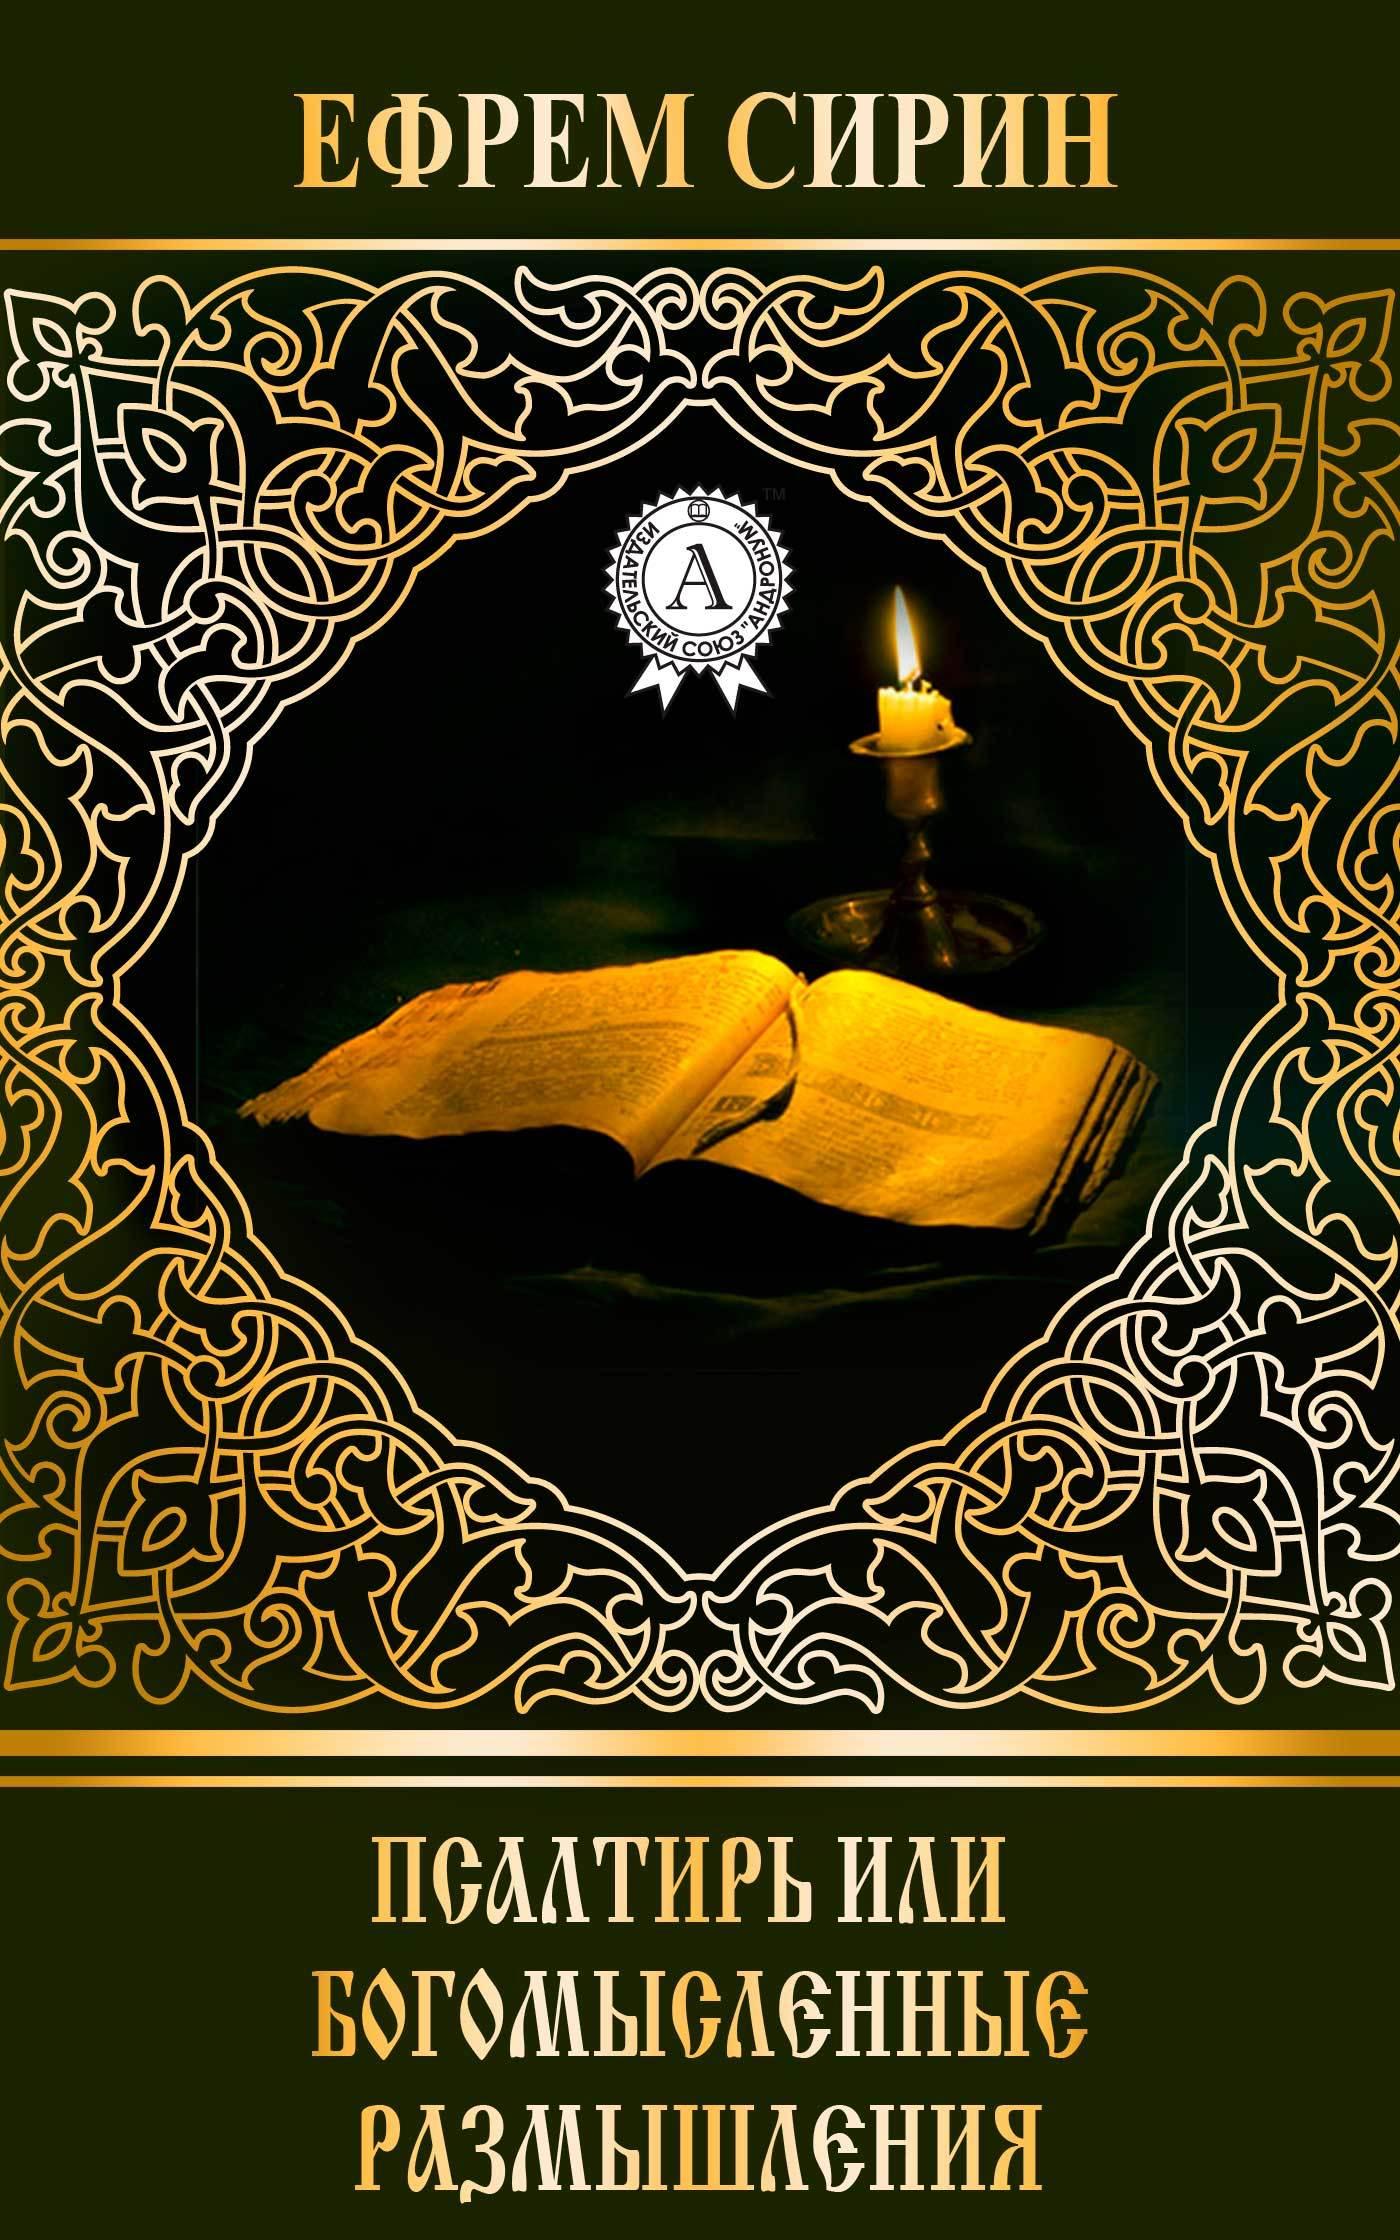 преподобный Ефрем Сирин Псалтирь или богомысленные размышления ефрем сирин преподобный возблагодарим благого бога духовный азбуковник алфавитный сборник